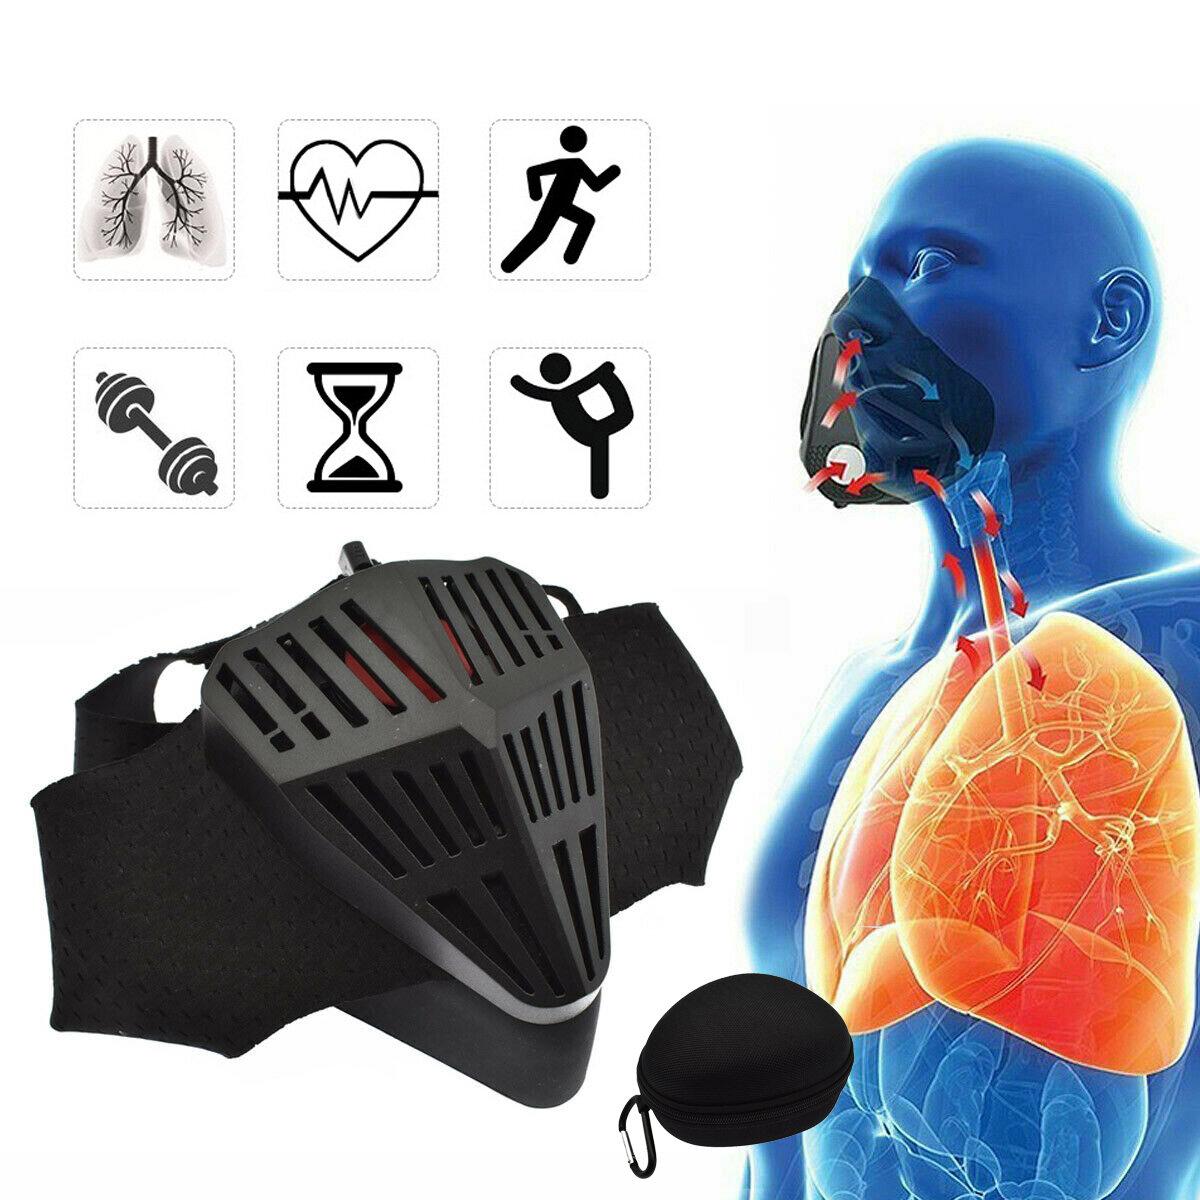 Бег Фитнес-маска 6 Уровни сопротивления вдоху 6 передач Регулируемая для тренировок Кислород Большая высота -Черный